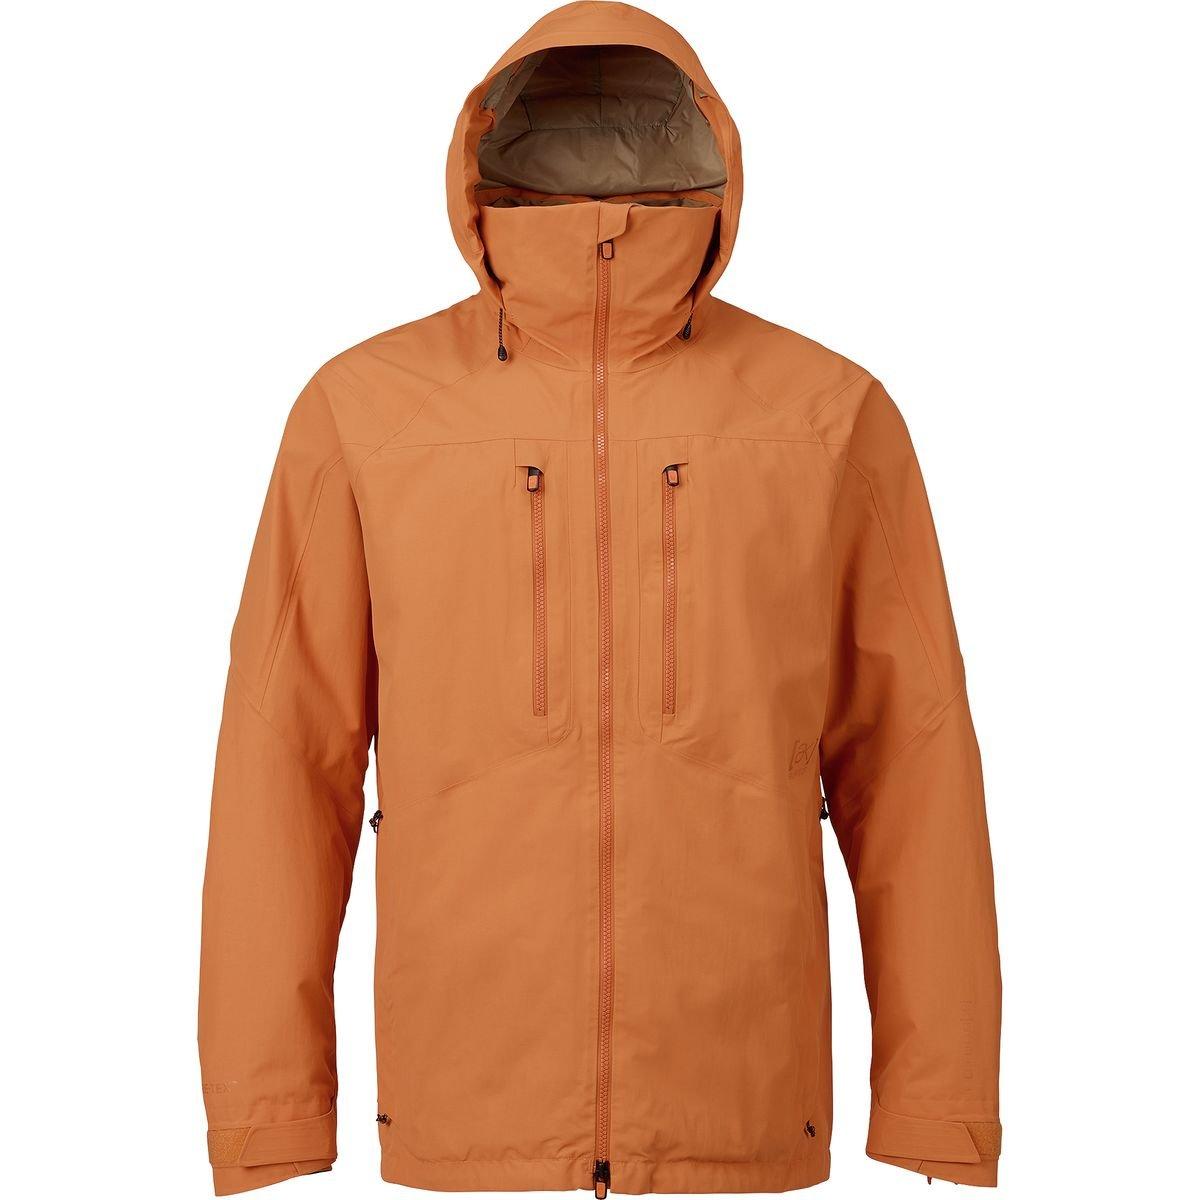 (バートン) Burton AK 2L Swash Gore-Tex Jacket メンズ ジャケットGolden Oak [並行輸入品] B076WPLXJM 日本サイズ M (US S)|Golden Oak Golden Oak 日本サイズ M (US S)